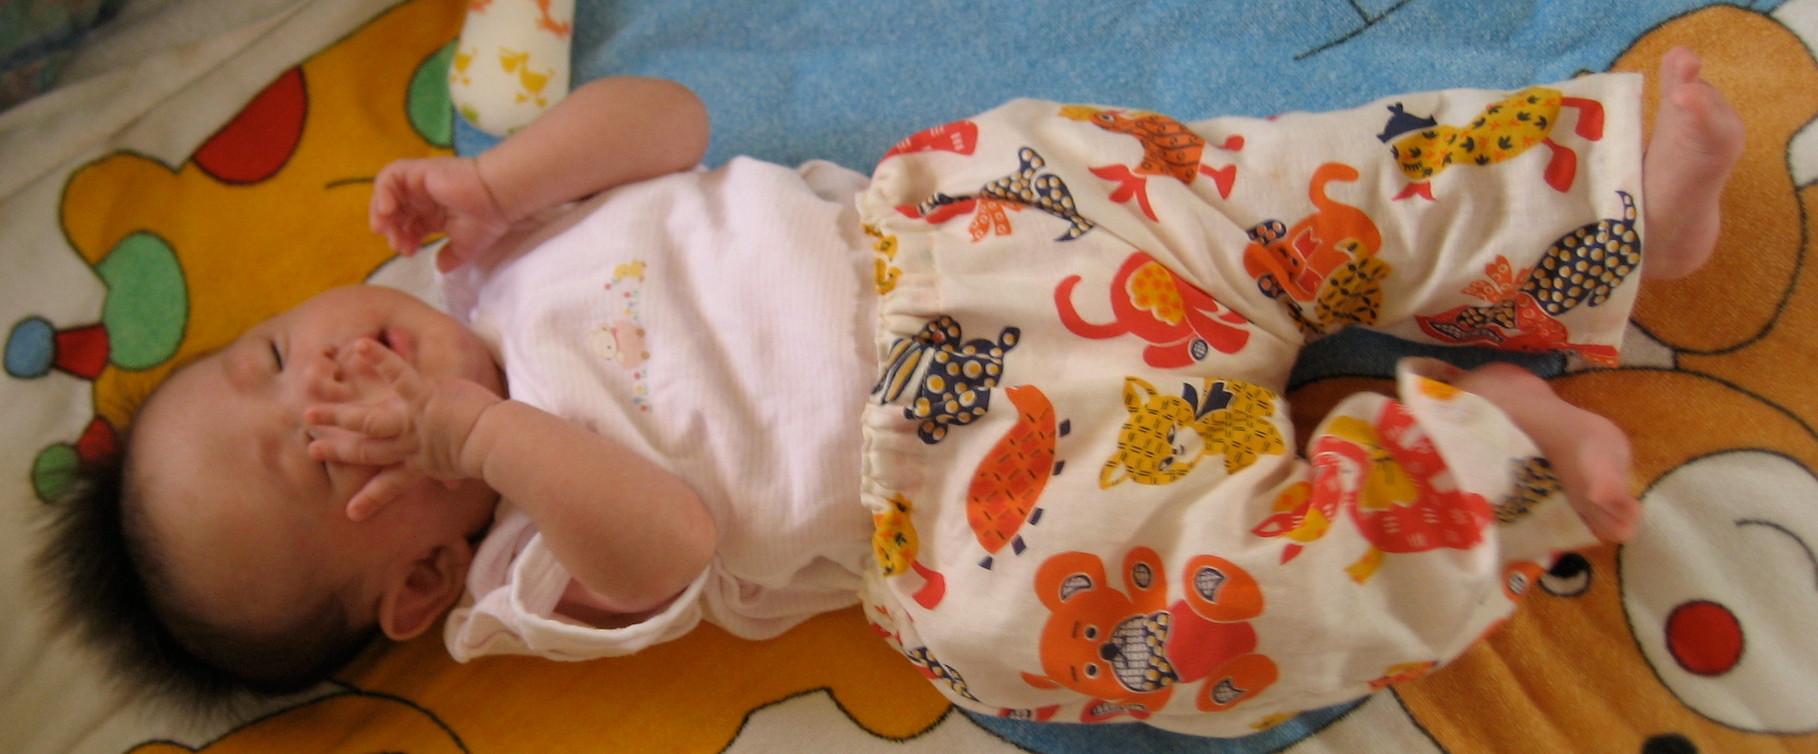 赤ちゃん用のロンパースの上に着せてます。